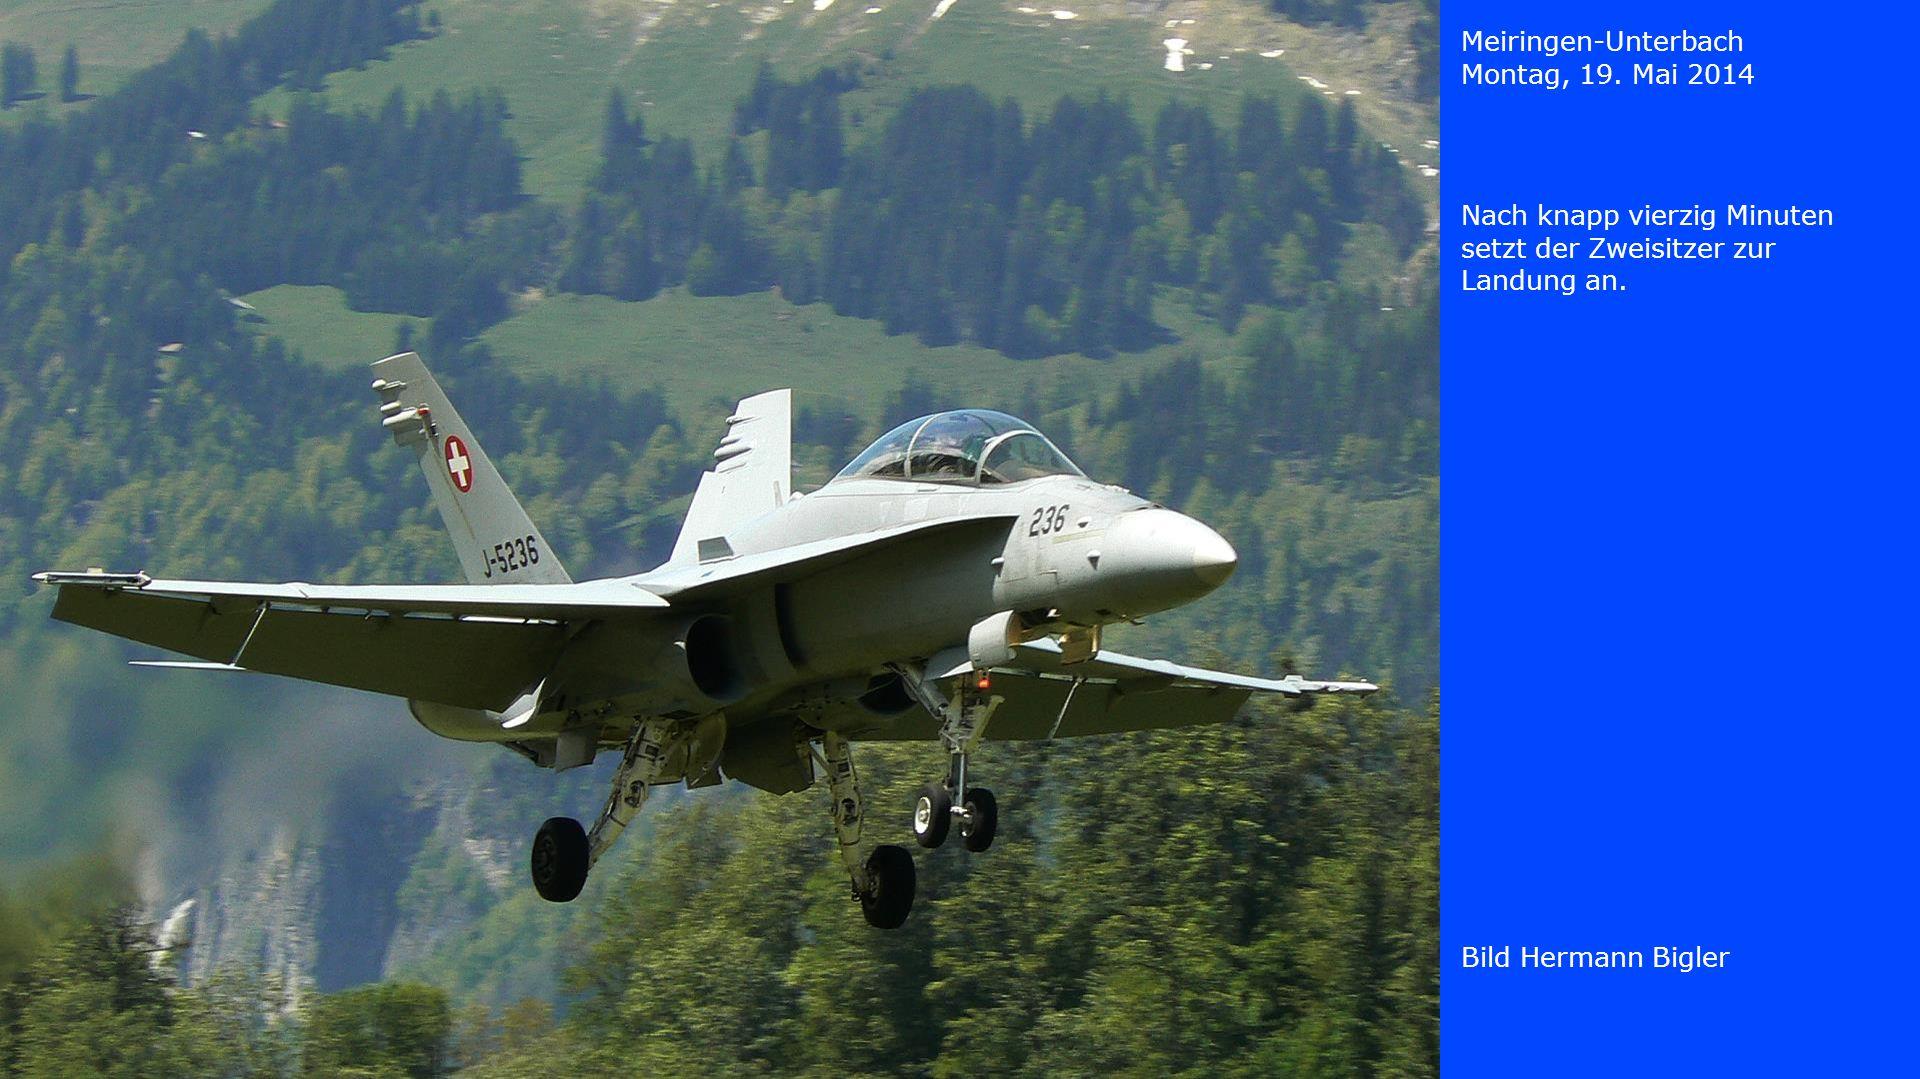 Meiringen-Unterbach Montag, 19. Mai 2014. Nach knapp vierzig Minuten setzt der Zweisitzer zur Landung an.